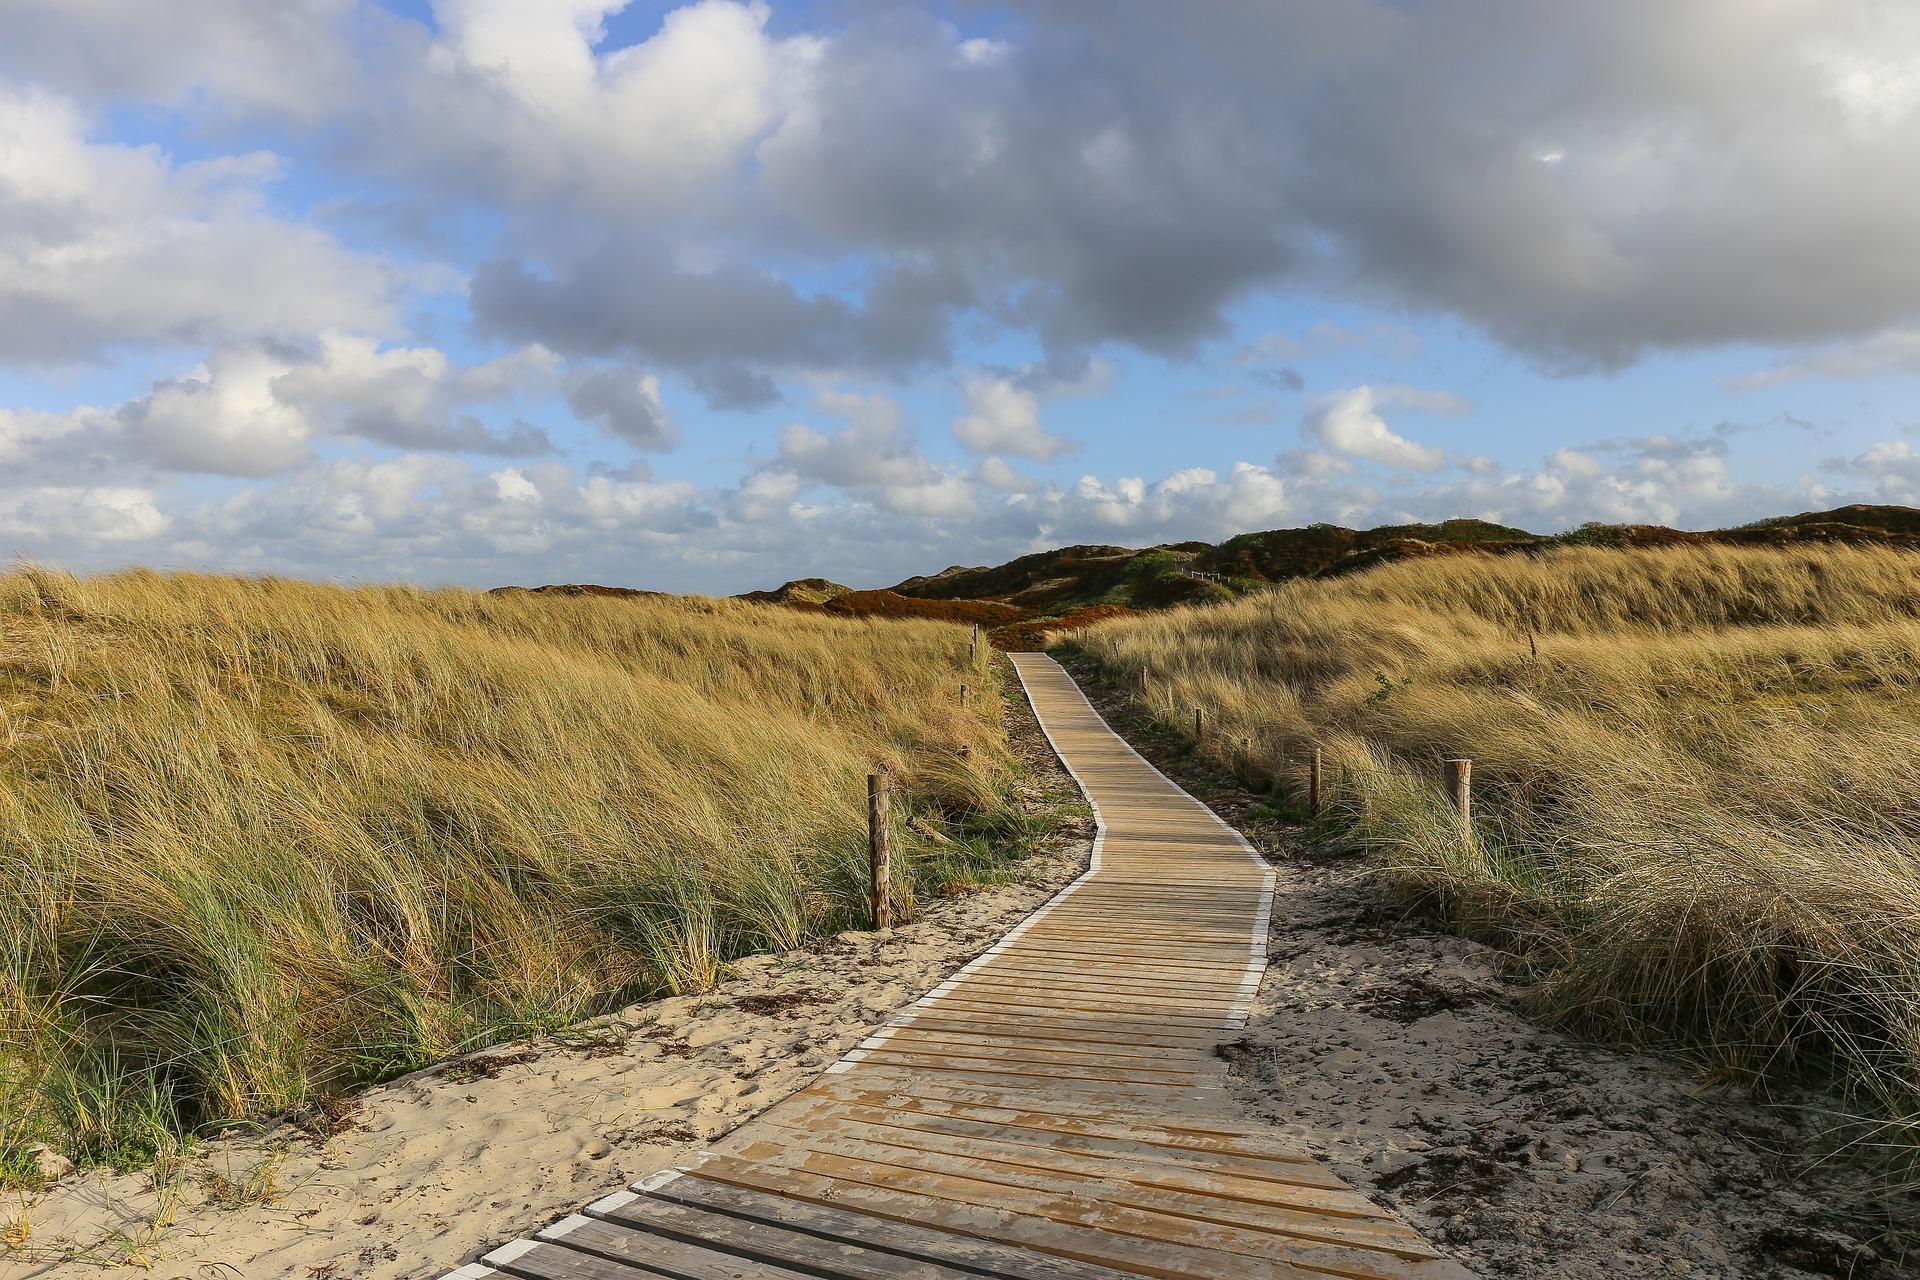 Main image of article: Le Nord des Pays-Bas, un avant-goût de Scandinavie.